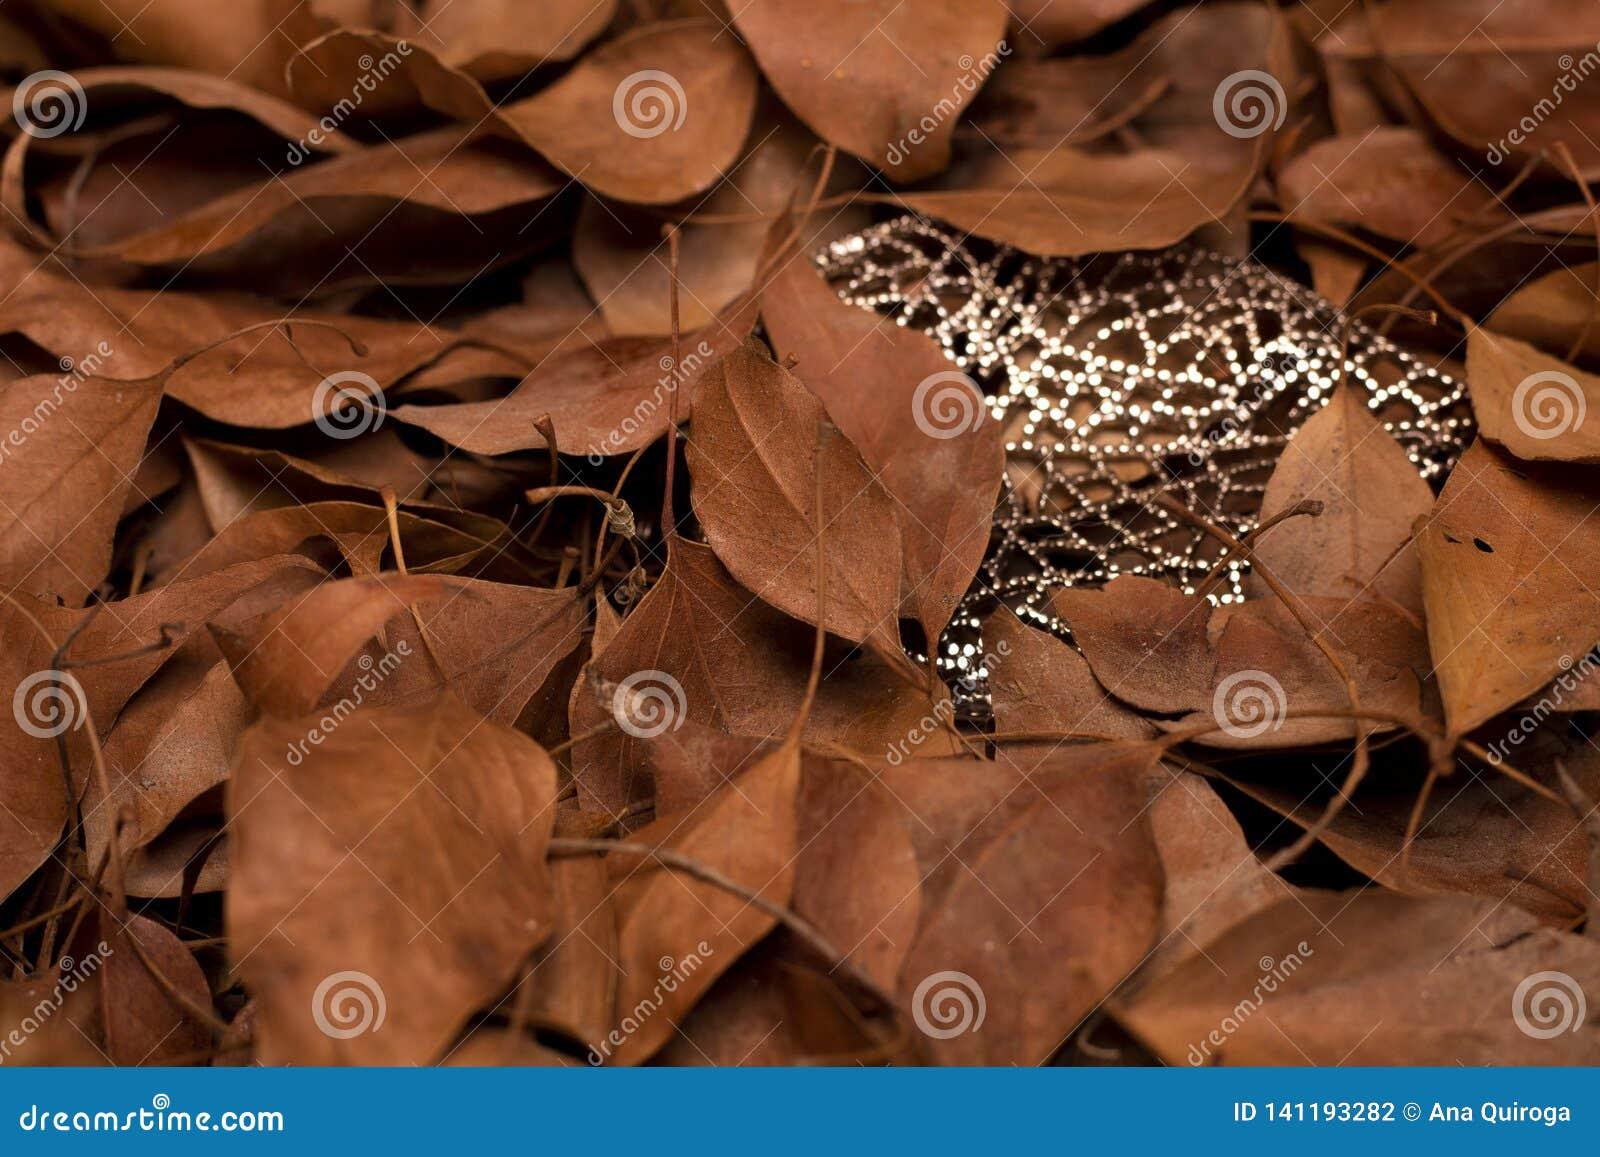 Folhas secas da árvore, entre cristais Simboliza a maturidade e a feminilidade